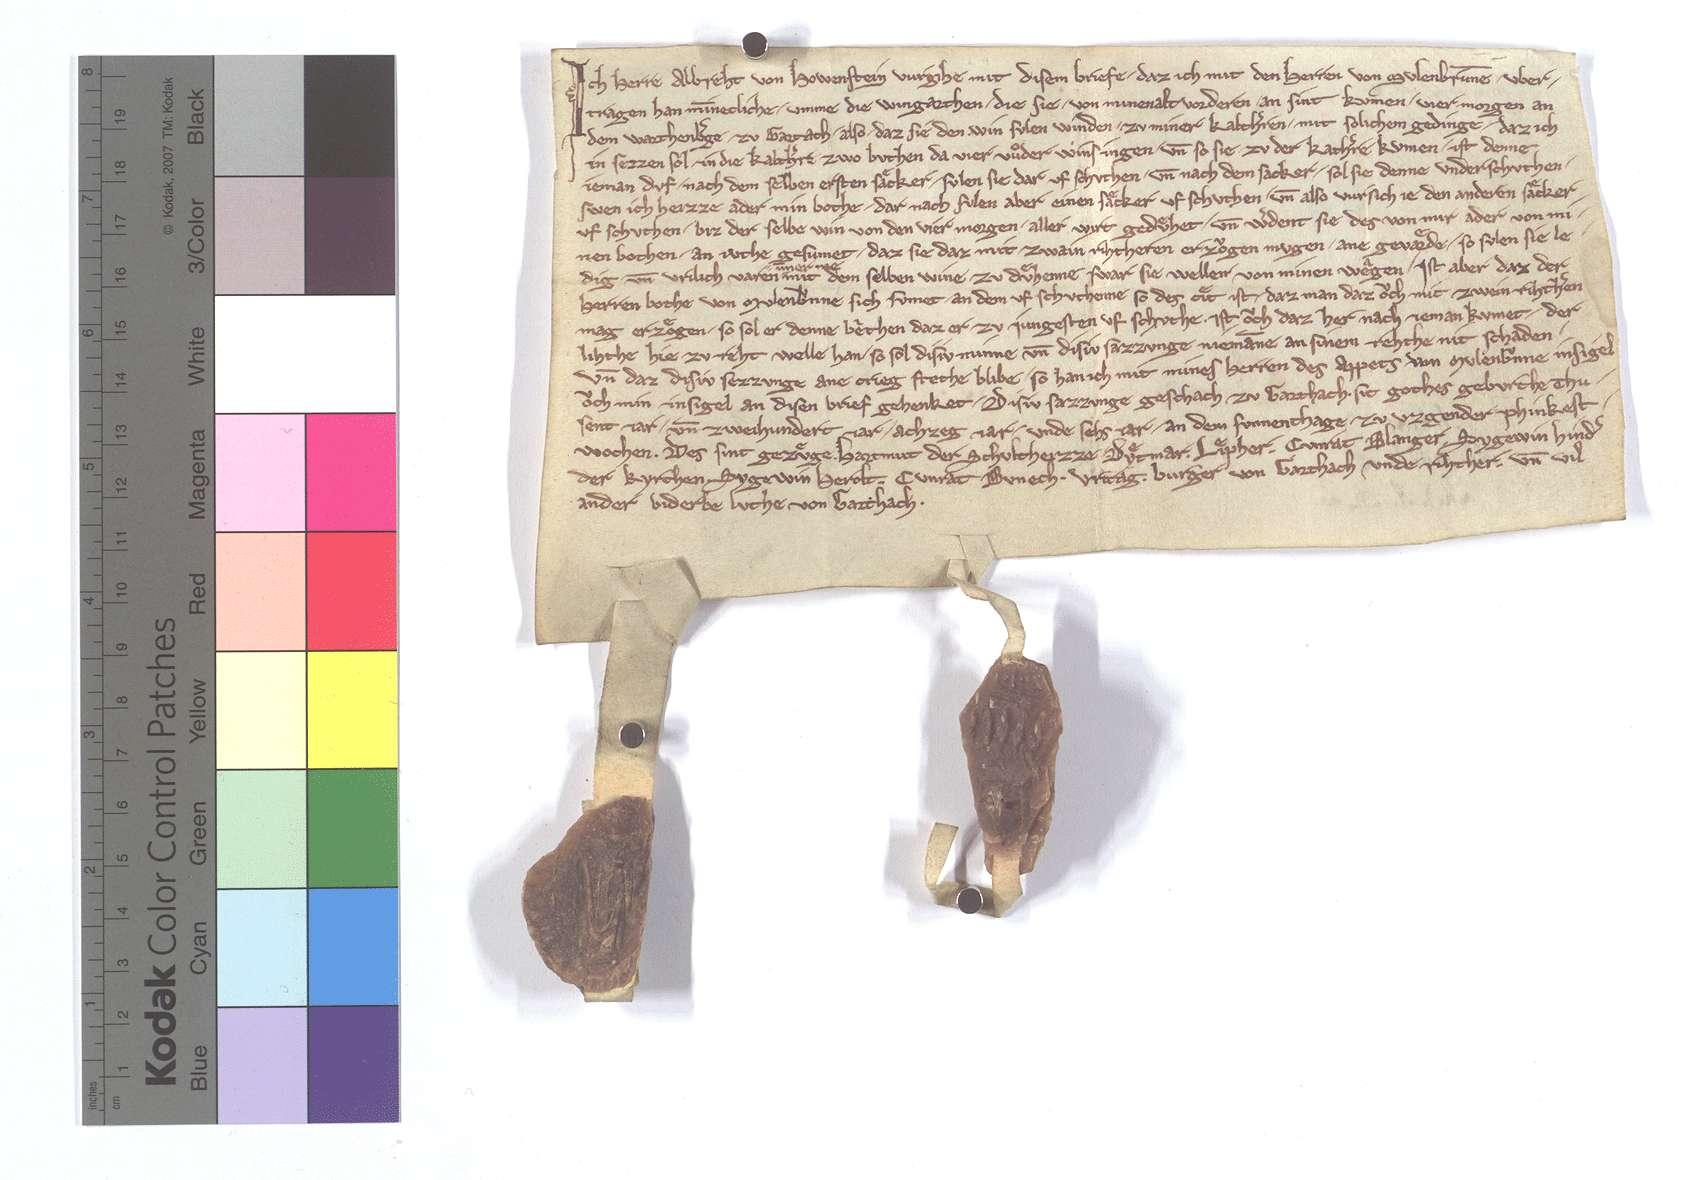 Albrecht von Hohenstein (Howenstein) beurkundet seine Einigung mit Kloster Maulbronn wegen einiger Weinberge in [Gross-]Gartach., Text